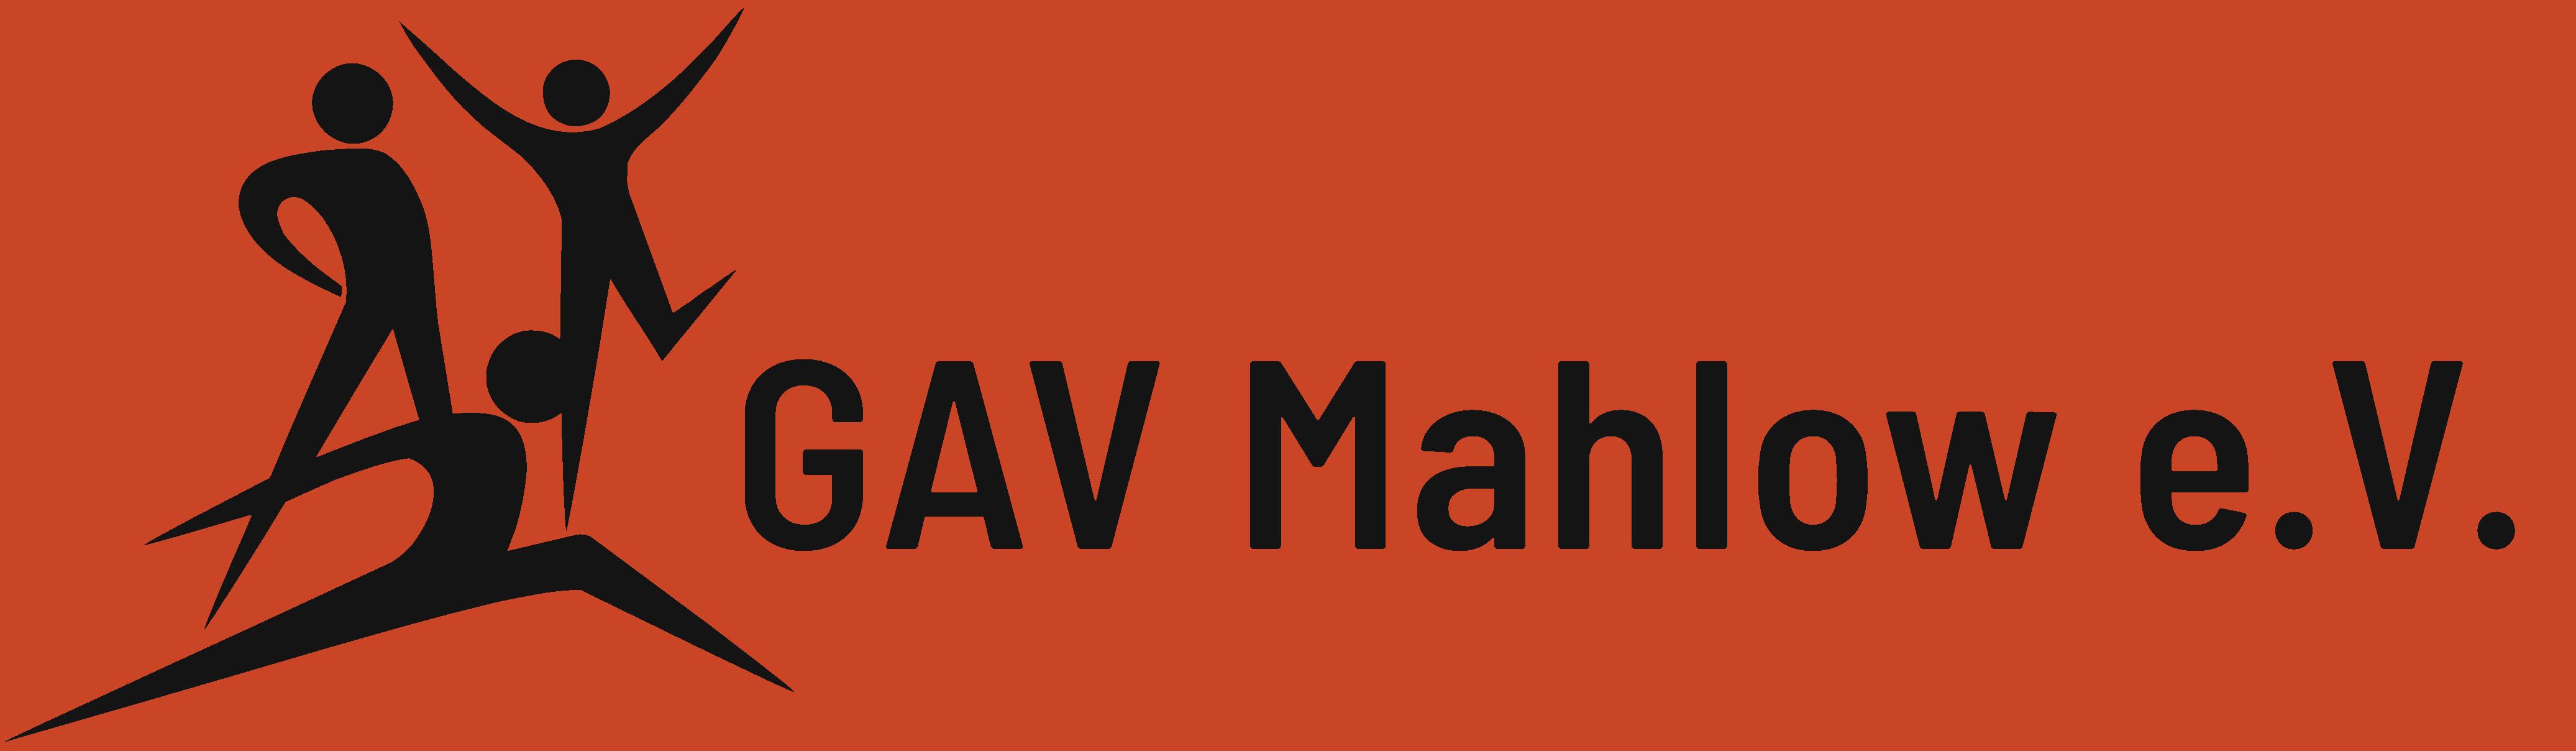 GAV Mahlow e.V.